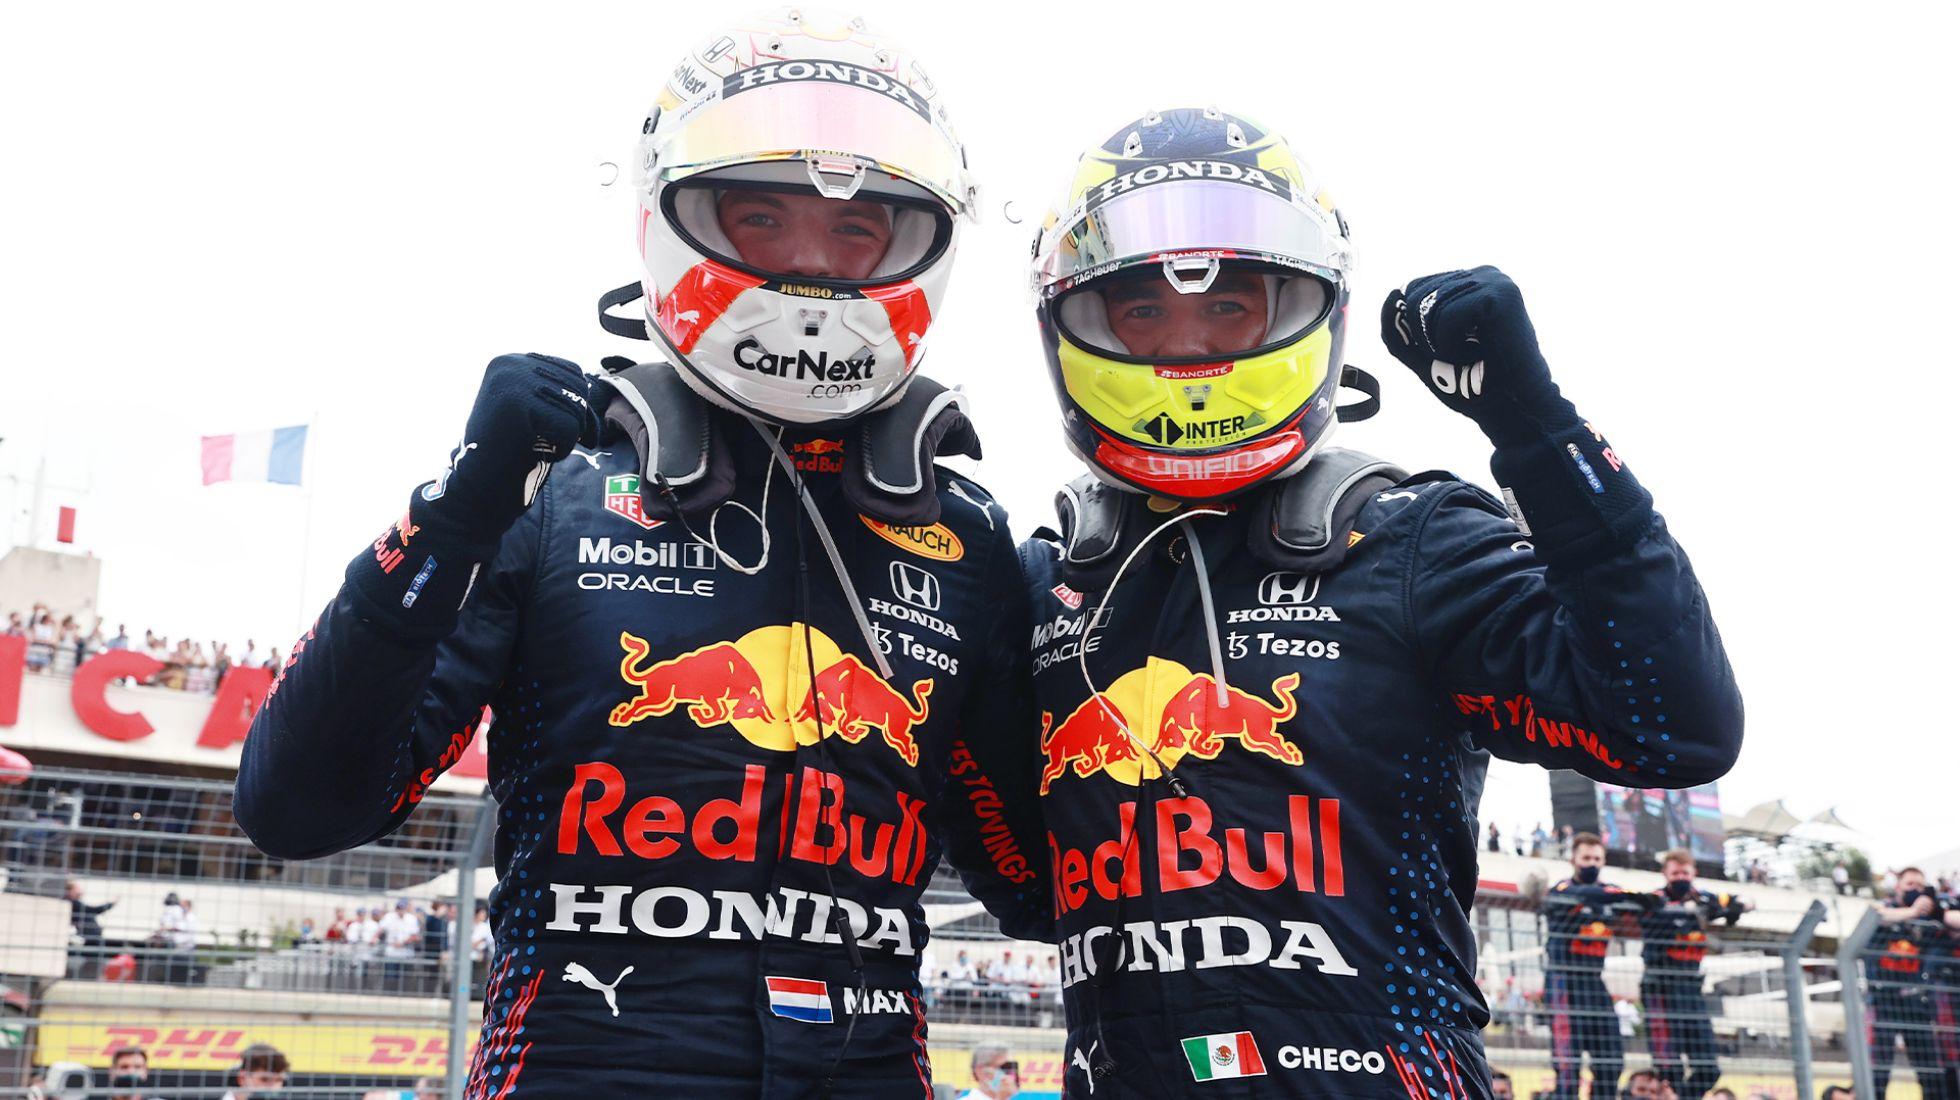 F1: Red Bull take Revenge on Mercedes at Paul Ricard